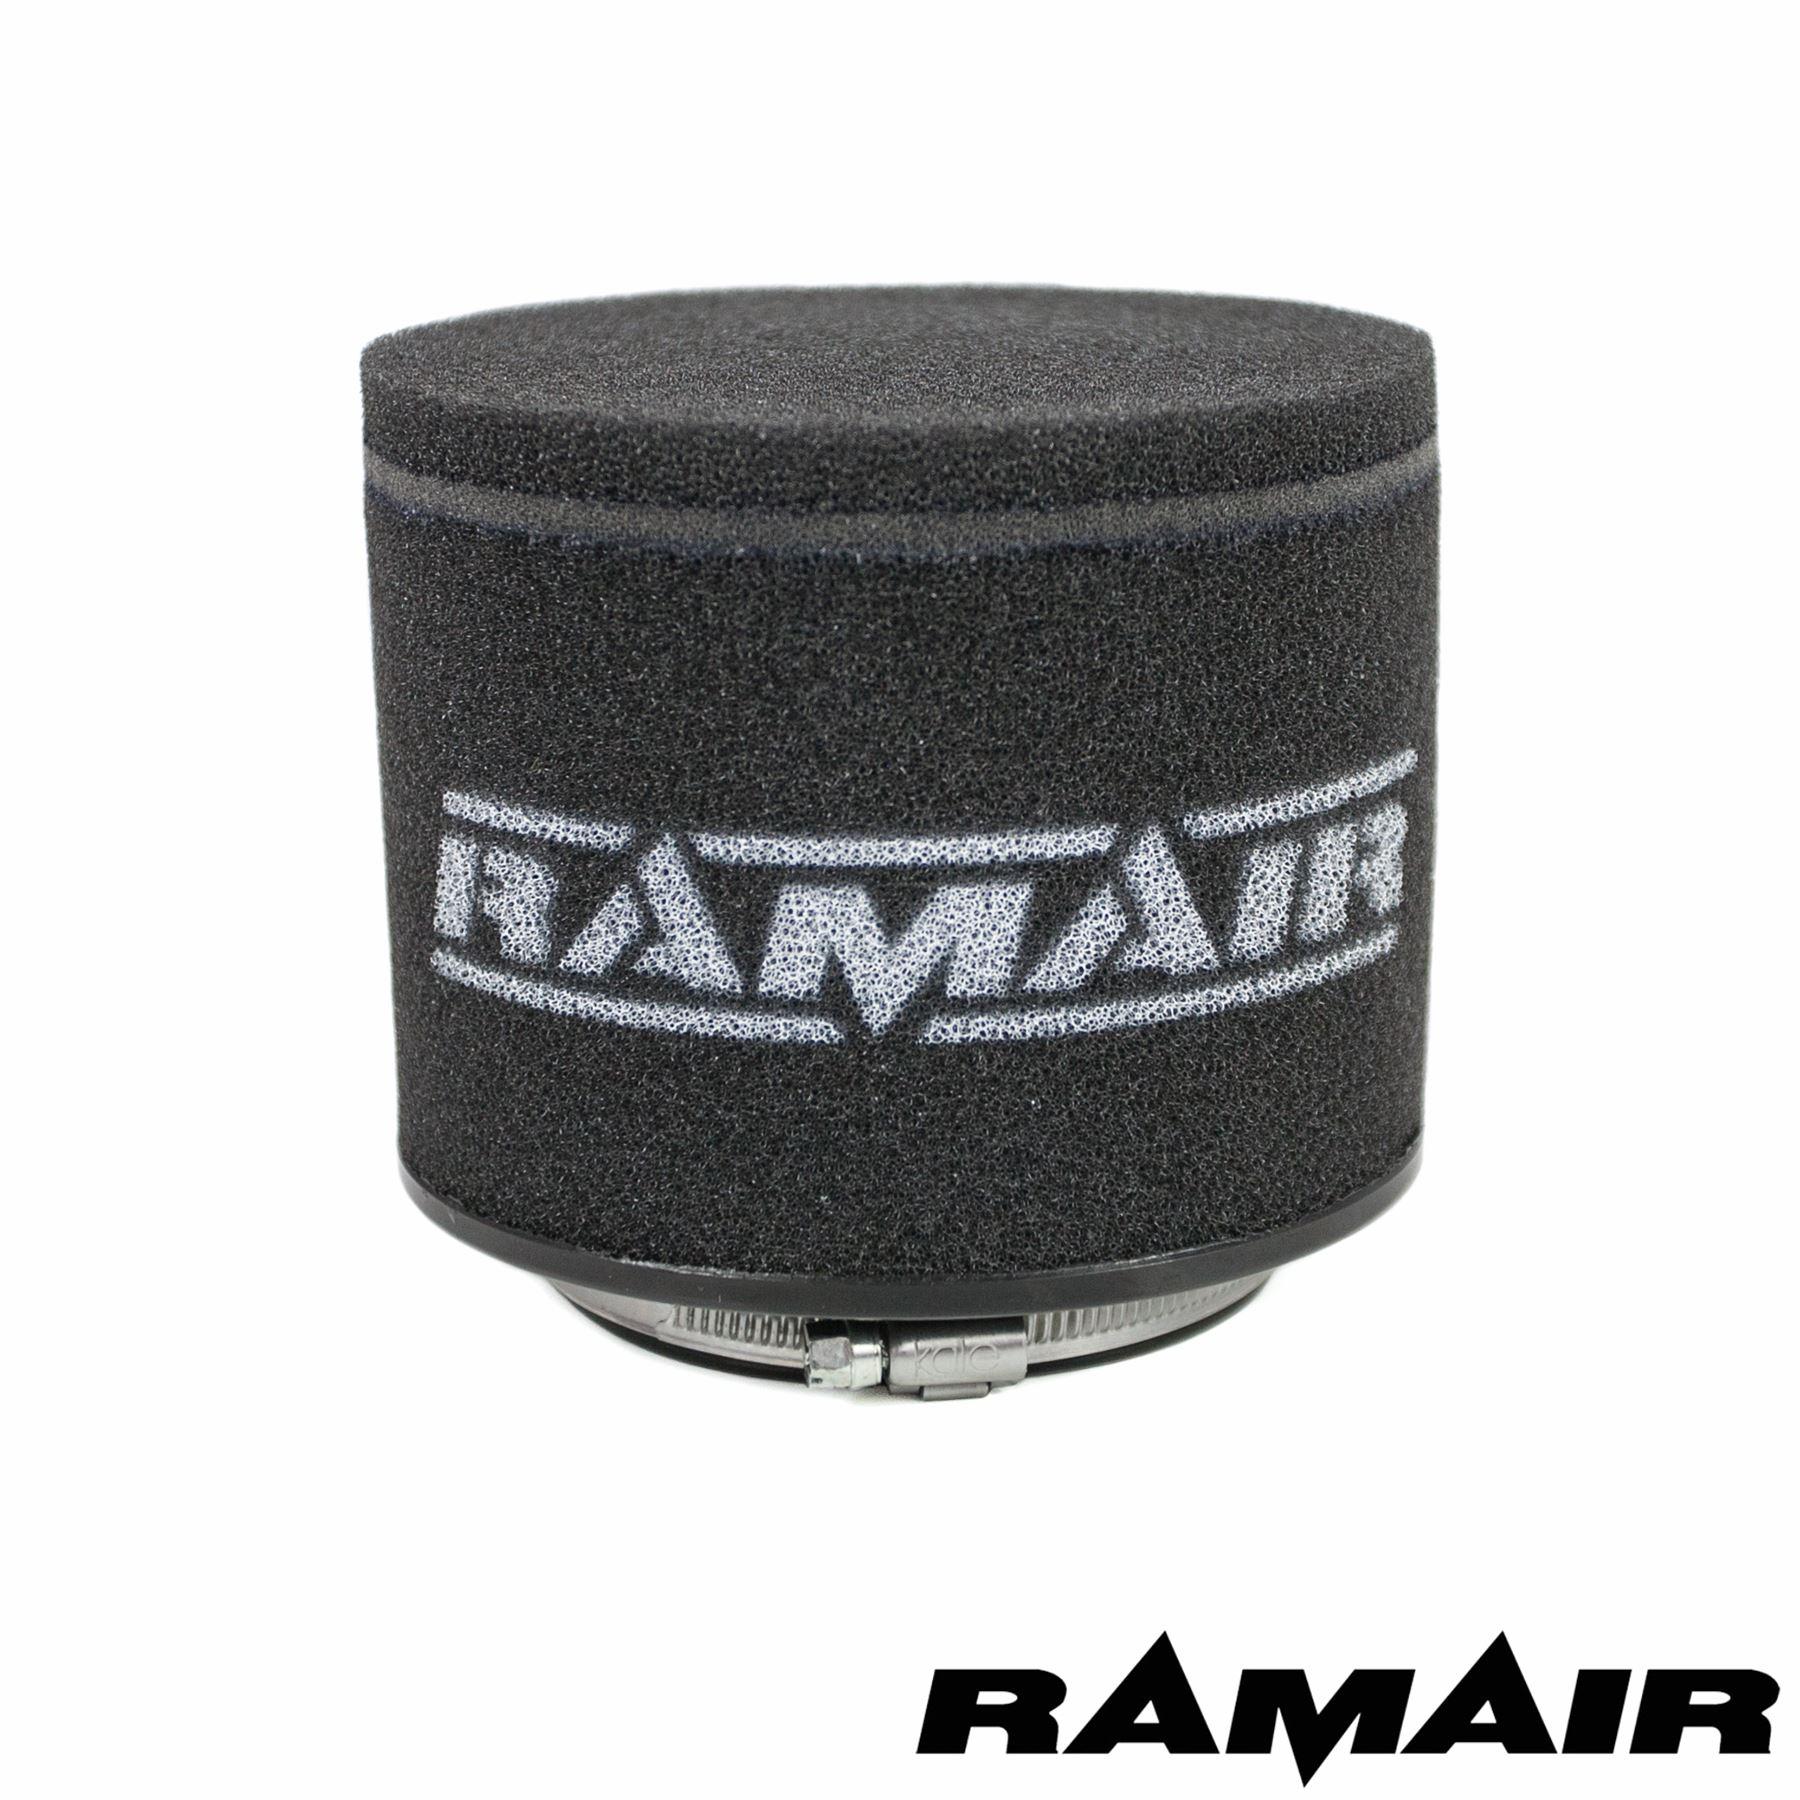 RAMAIR Lambretta Scooter Performance Race Twin Layer Foam Pod Air Filter 65mm